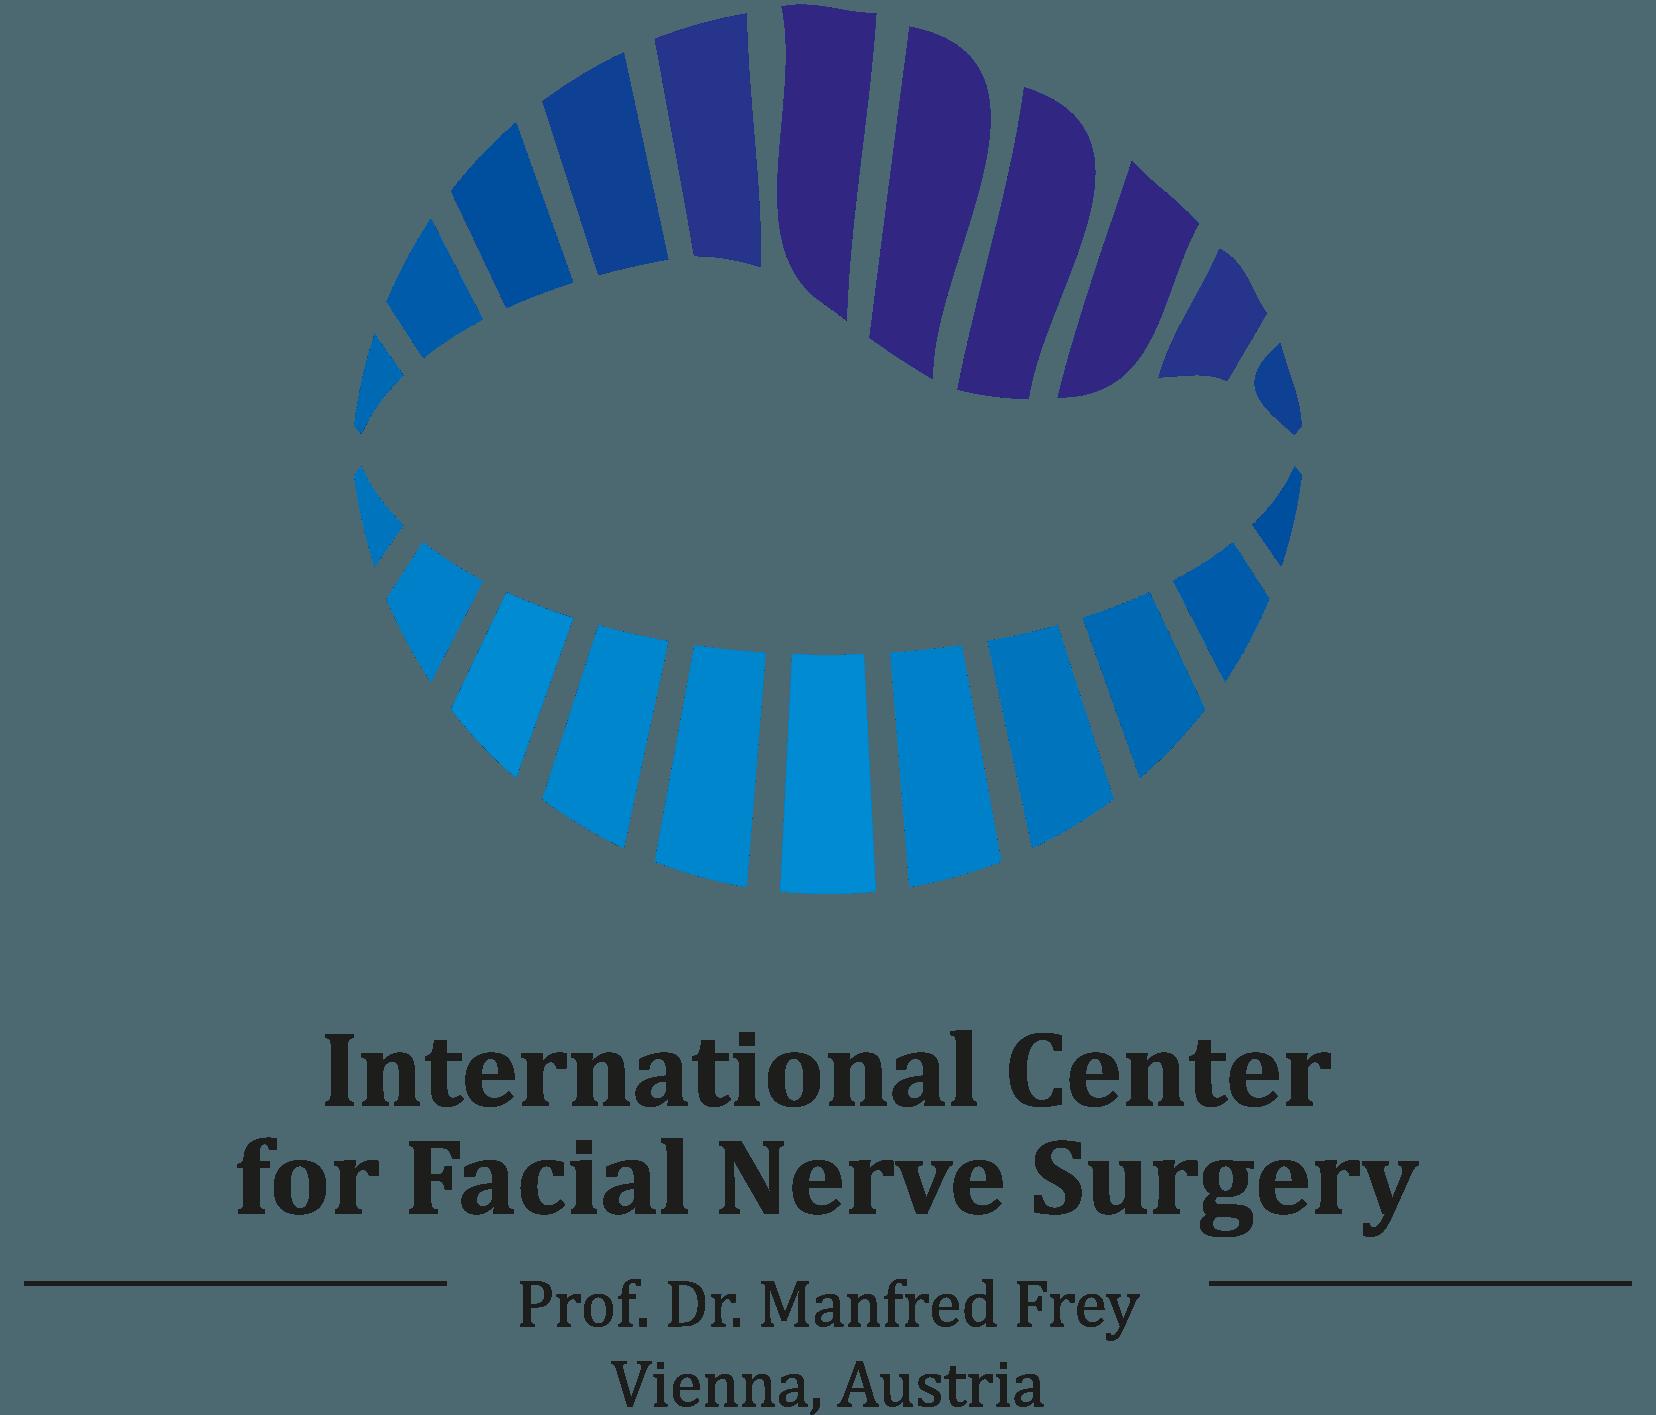 International Center for Facial Nerve Surgery.